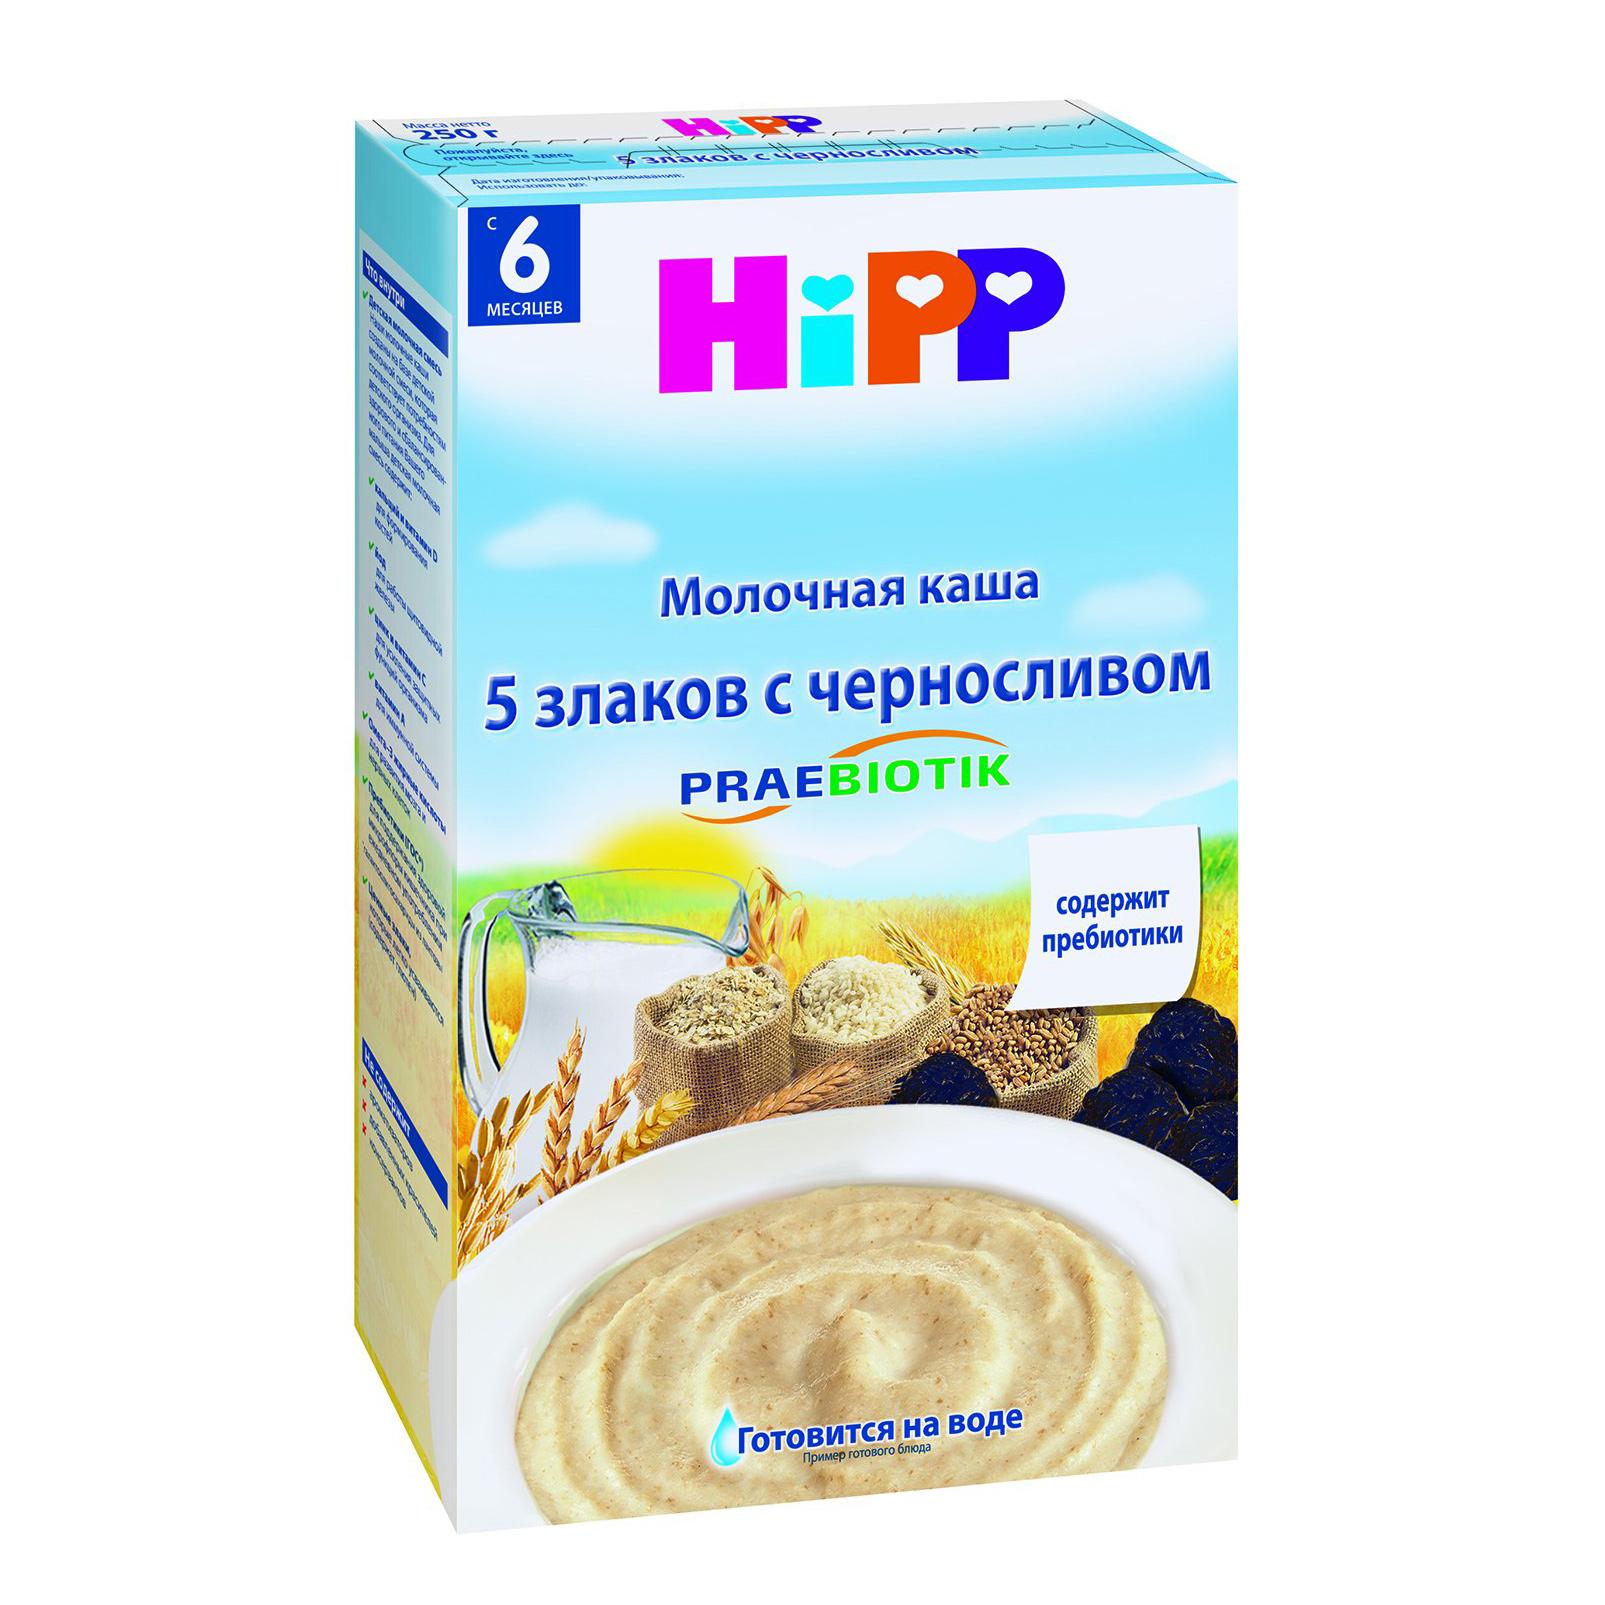 Каша Hipp молочная 5 злаков с черносливом с 6-ти месяцев 250 г